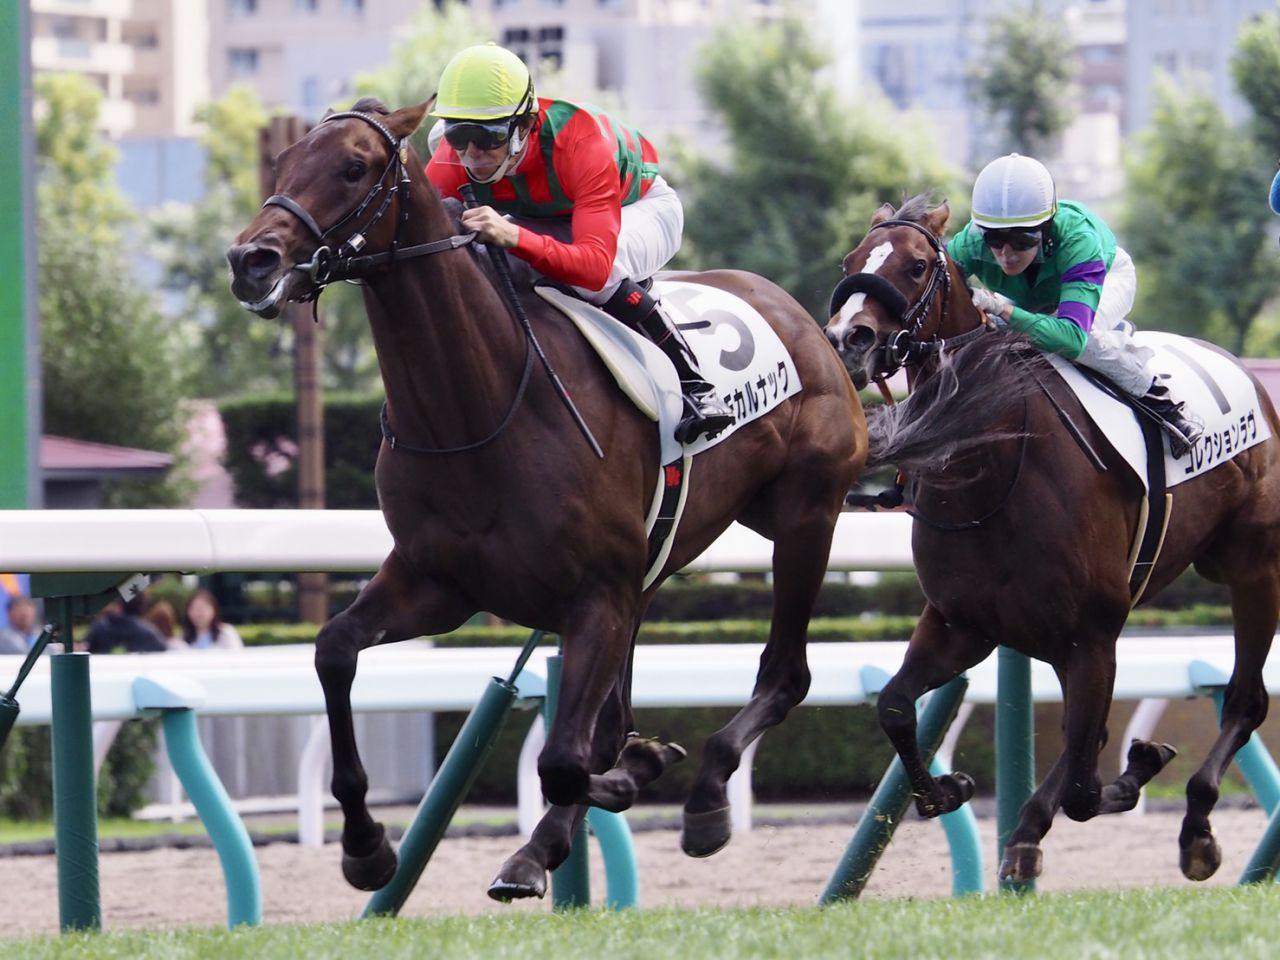 【新馬/札幌5R】キングヘイロー産駒 コスモカルナックがデビューV!